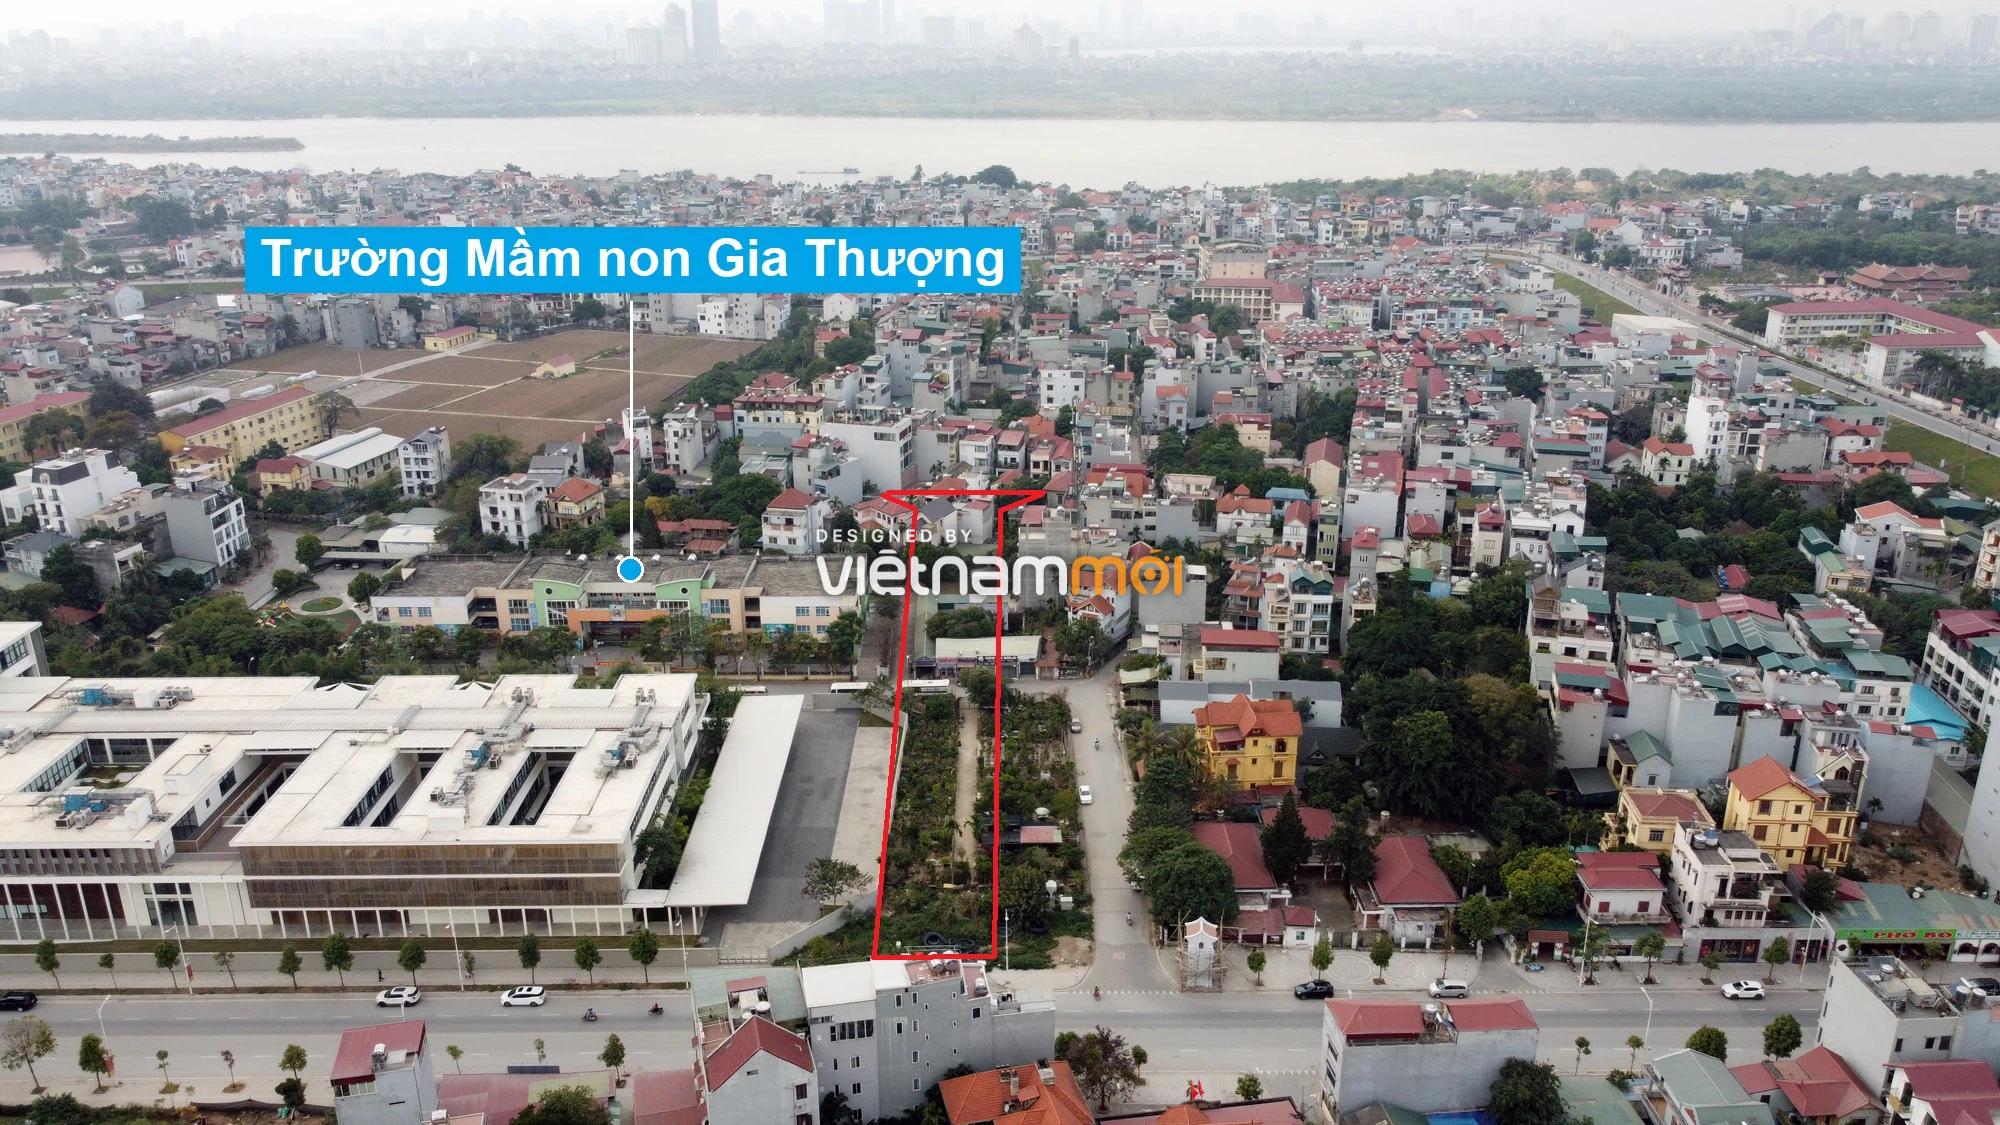 Những khu đất sắp thu hồi để mở đường ở phường Ngọc Thụy, Long Biên, Hà Nội (phần 2) - Ảnh 17.